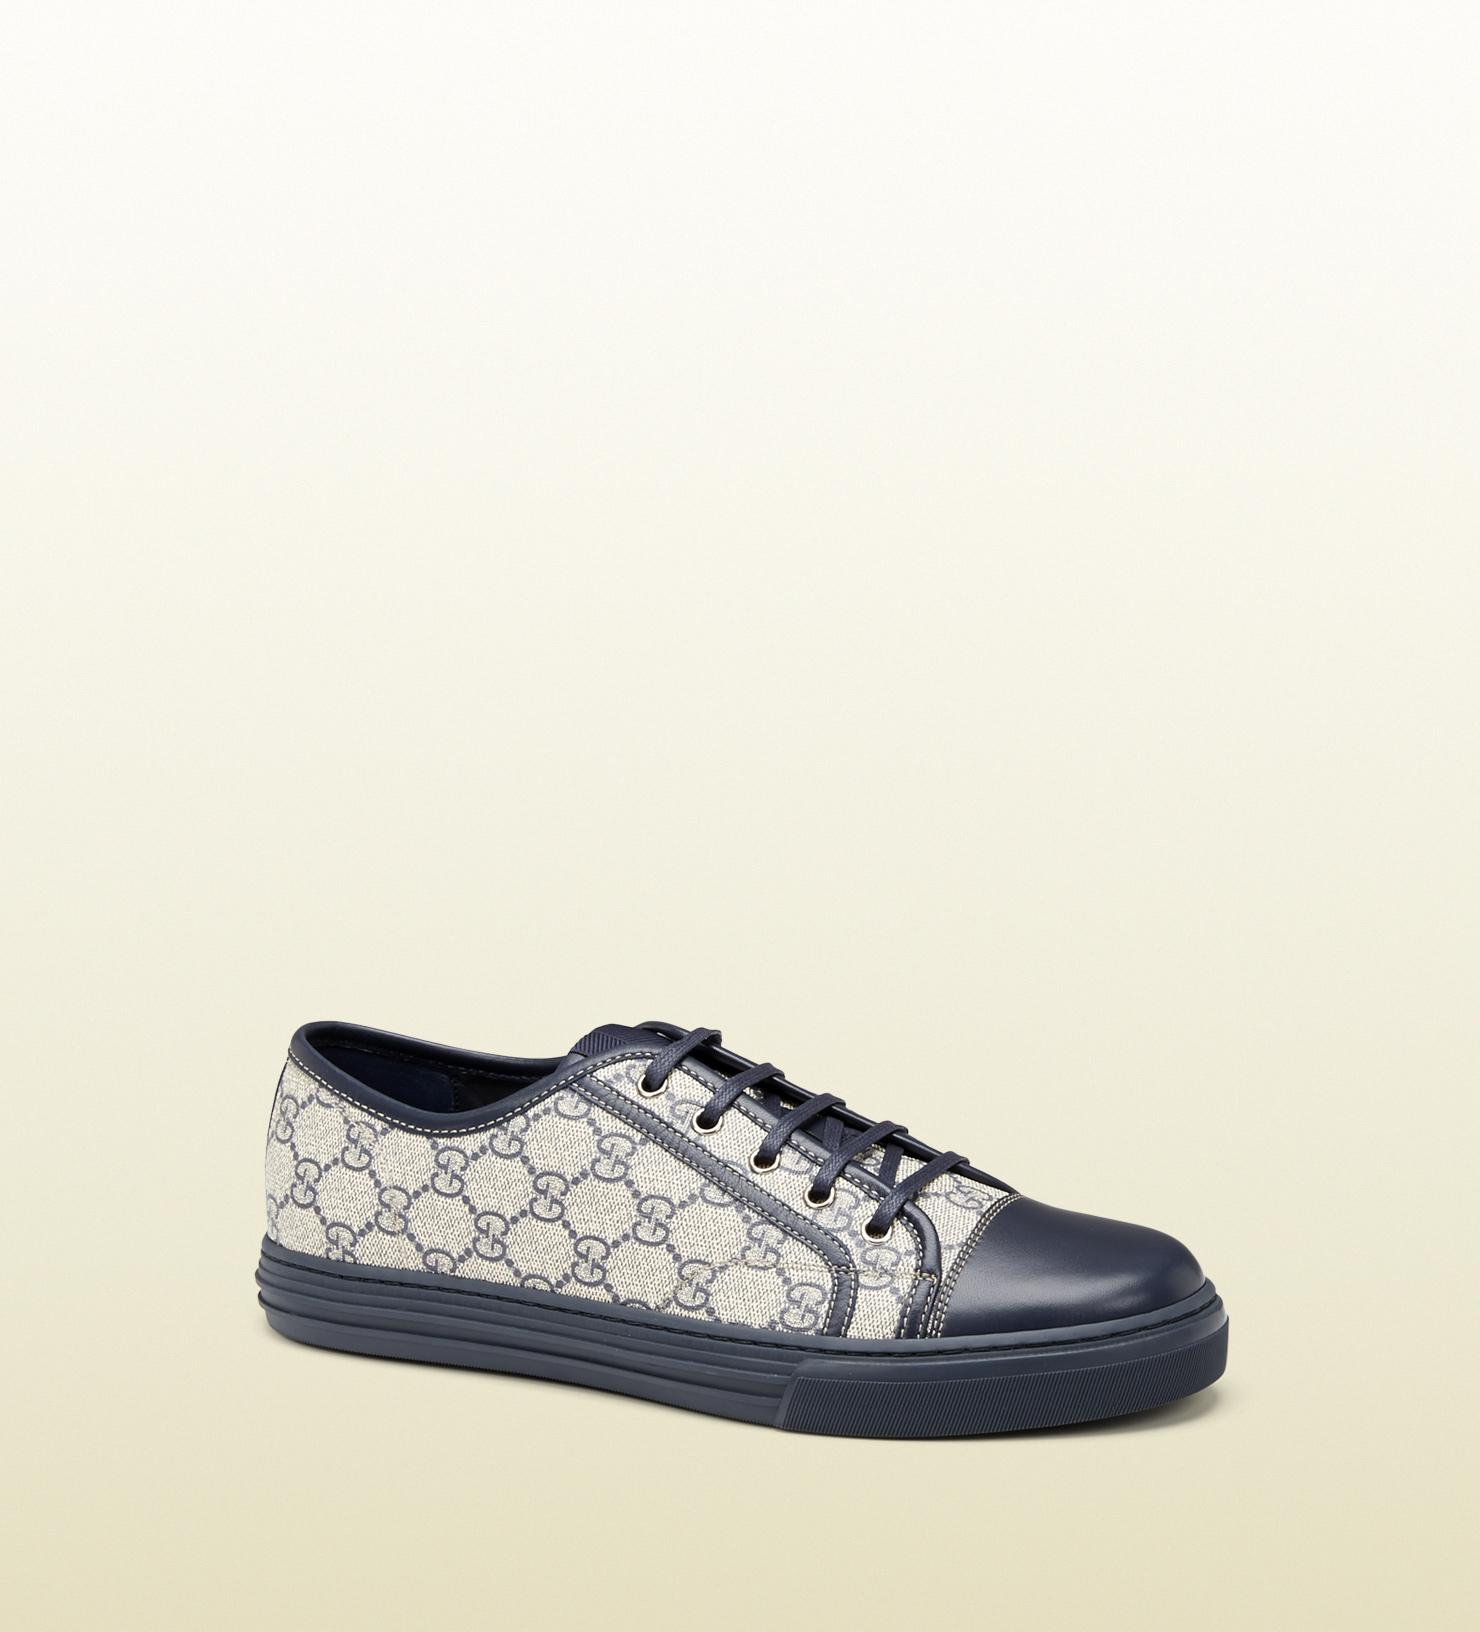 86e1c869002 Gucci Gg Supreme Canvas Lowtop Sneaker in Blue for Men - Lyst